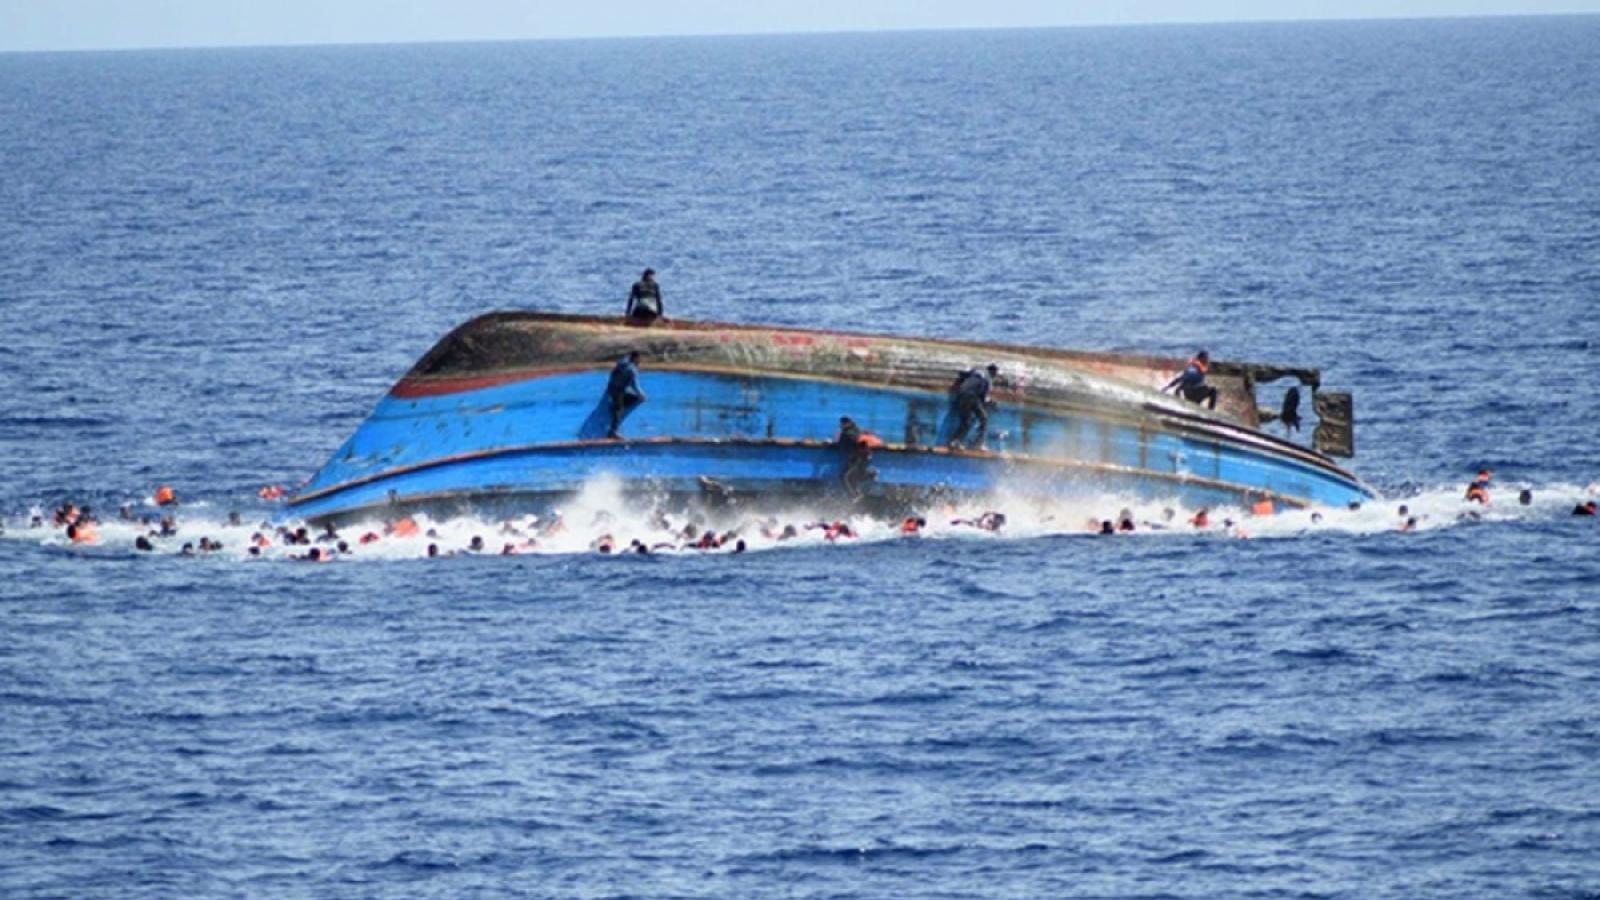 Đắm tàu ngoài khơi Libya, hơn 100 người chết